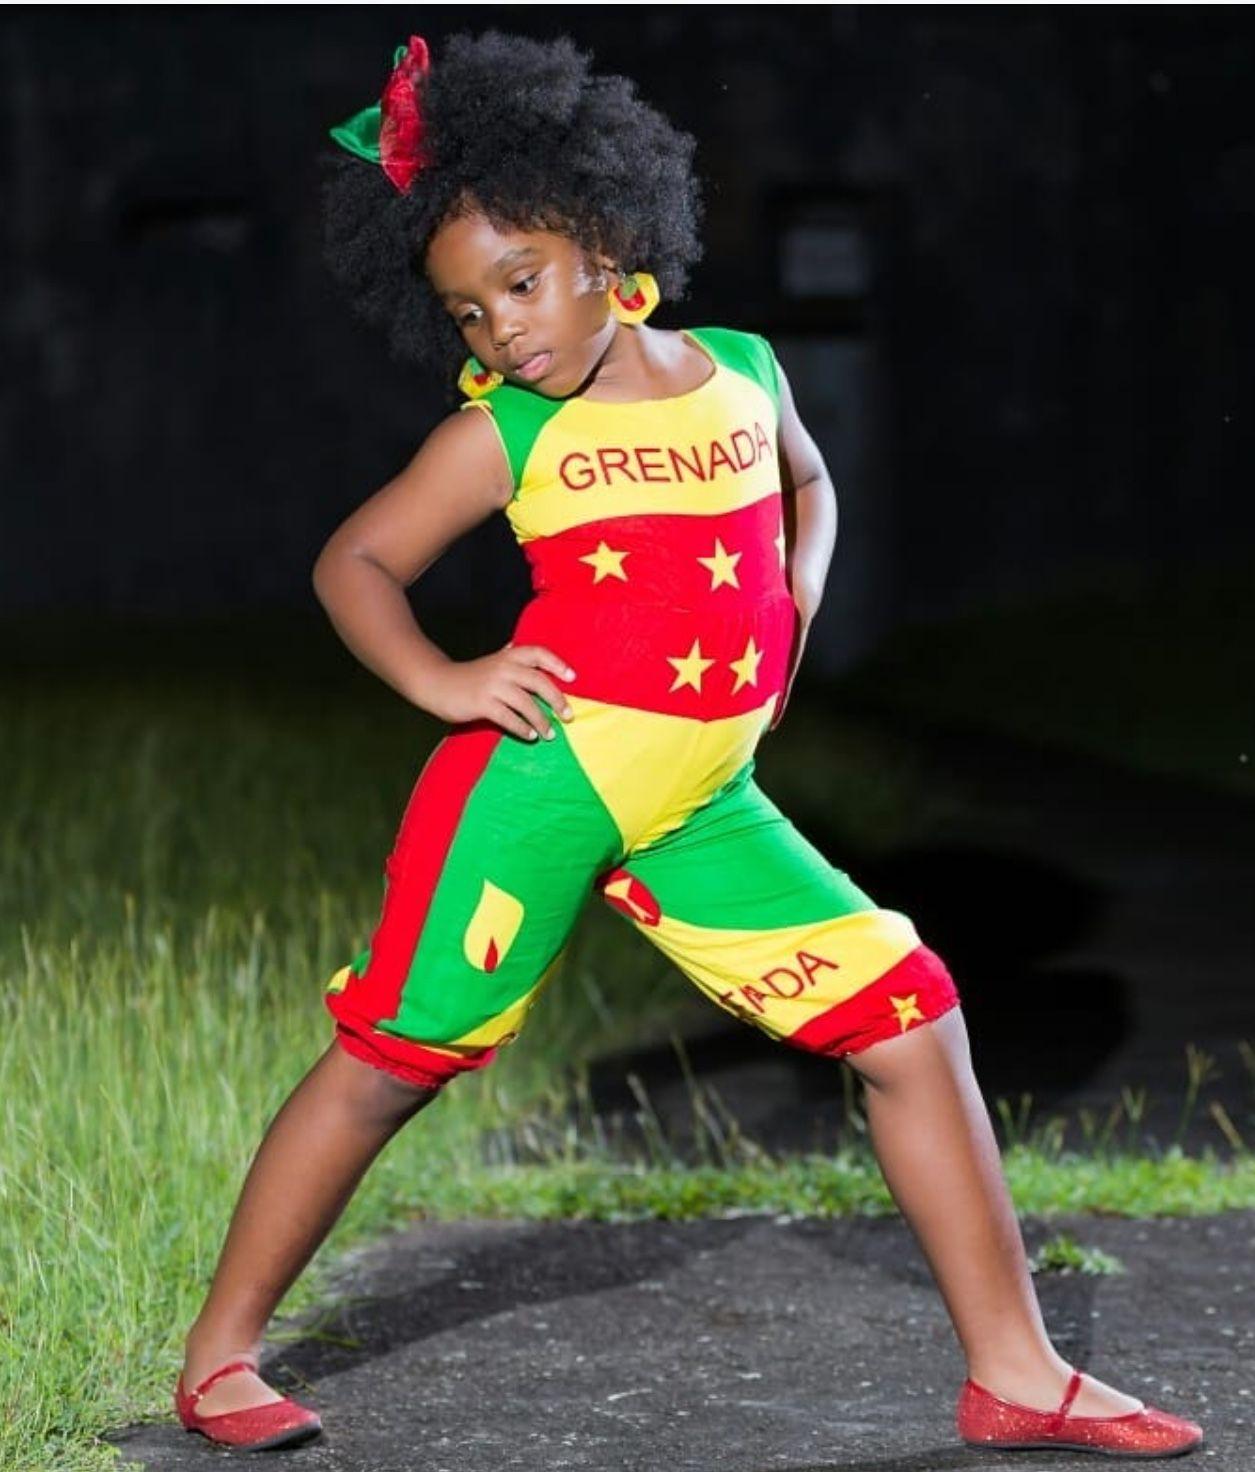 Little Girl from Grenada 🇬🇩 | Grenada in 2019 | Grenada